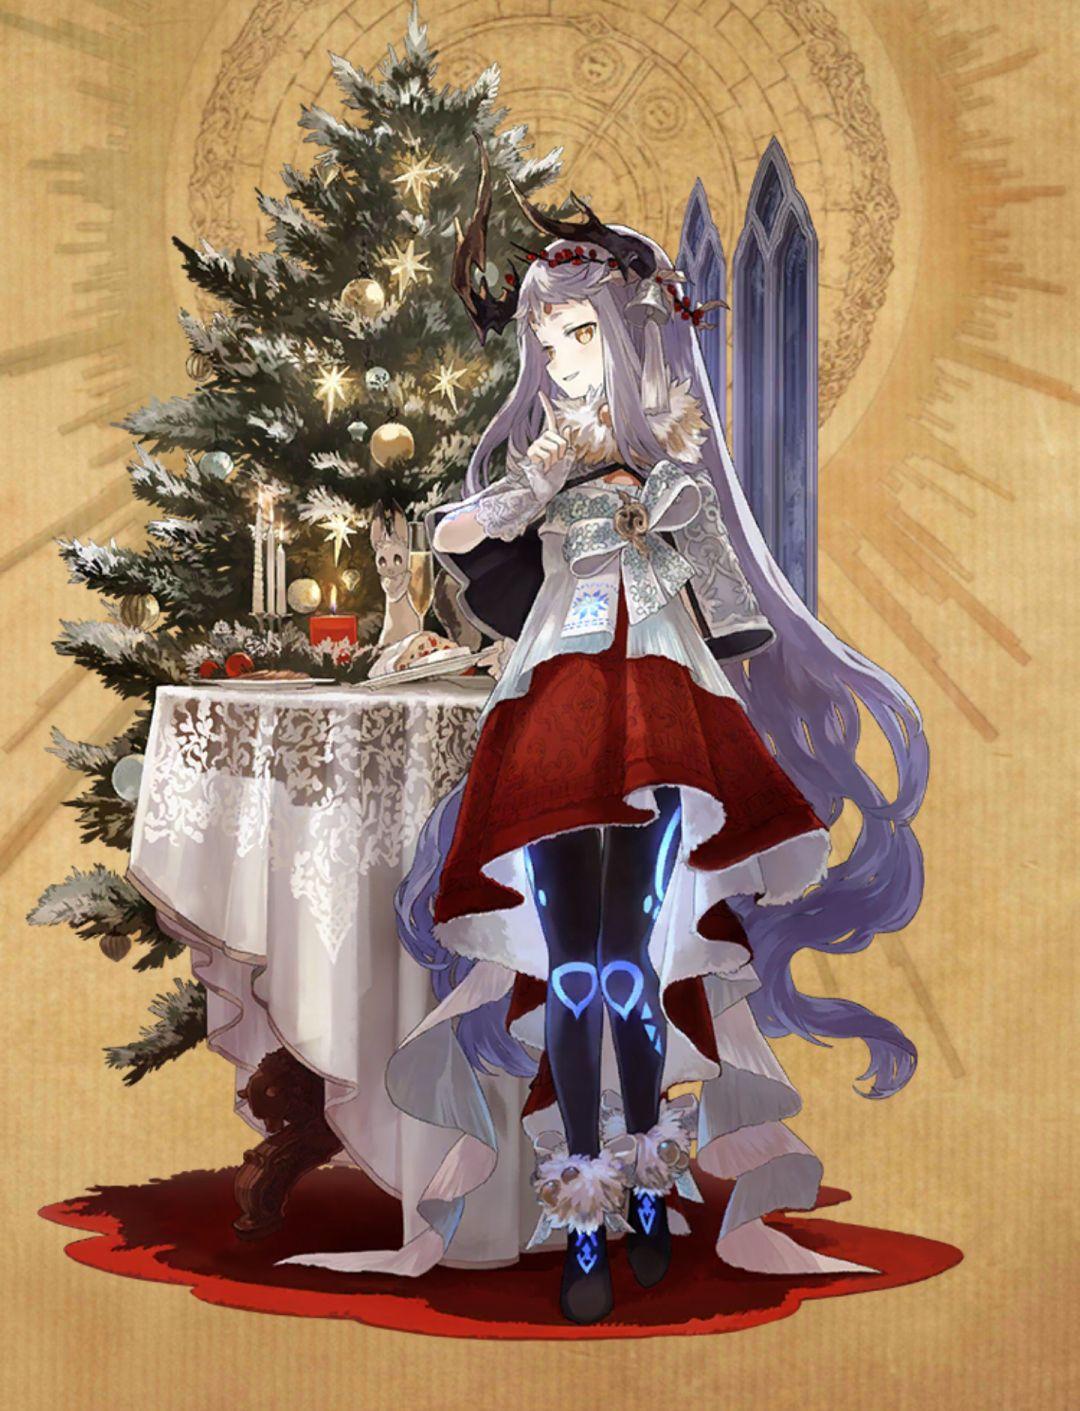 ビルギッタ-スキン-真理念装(クリスマス)